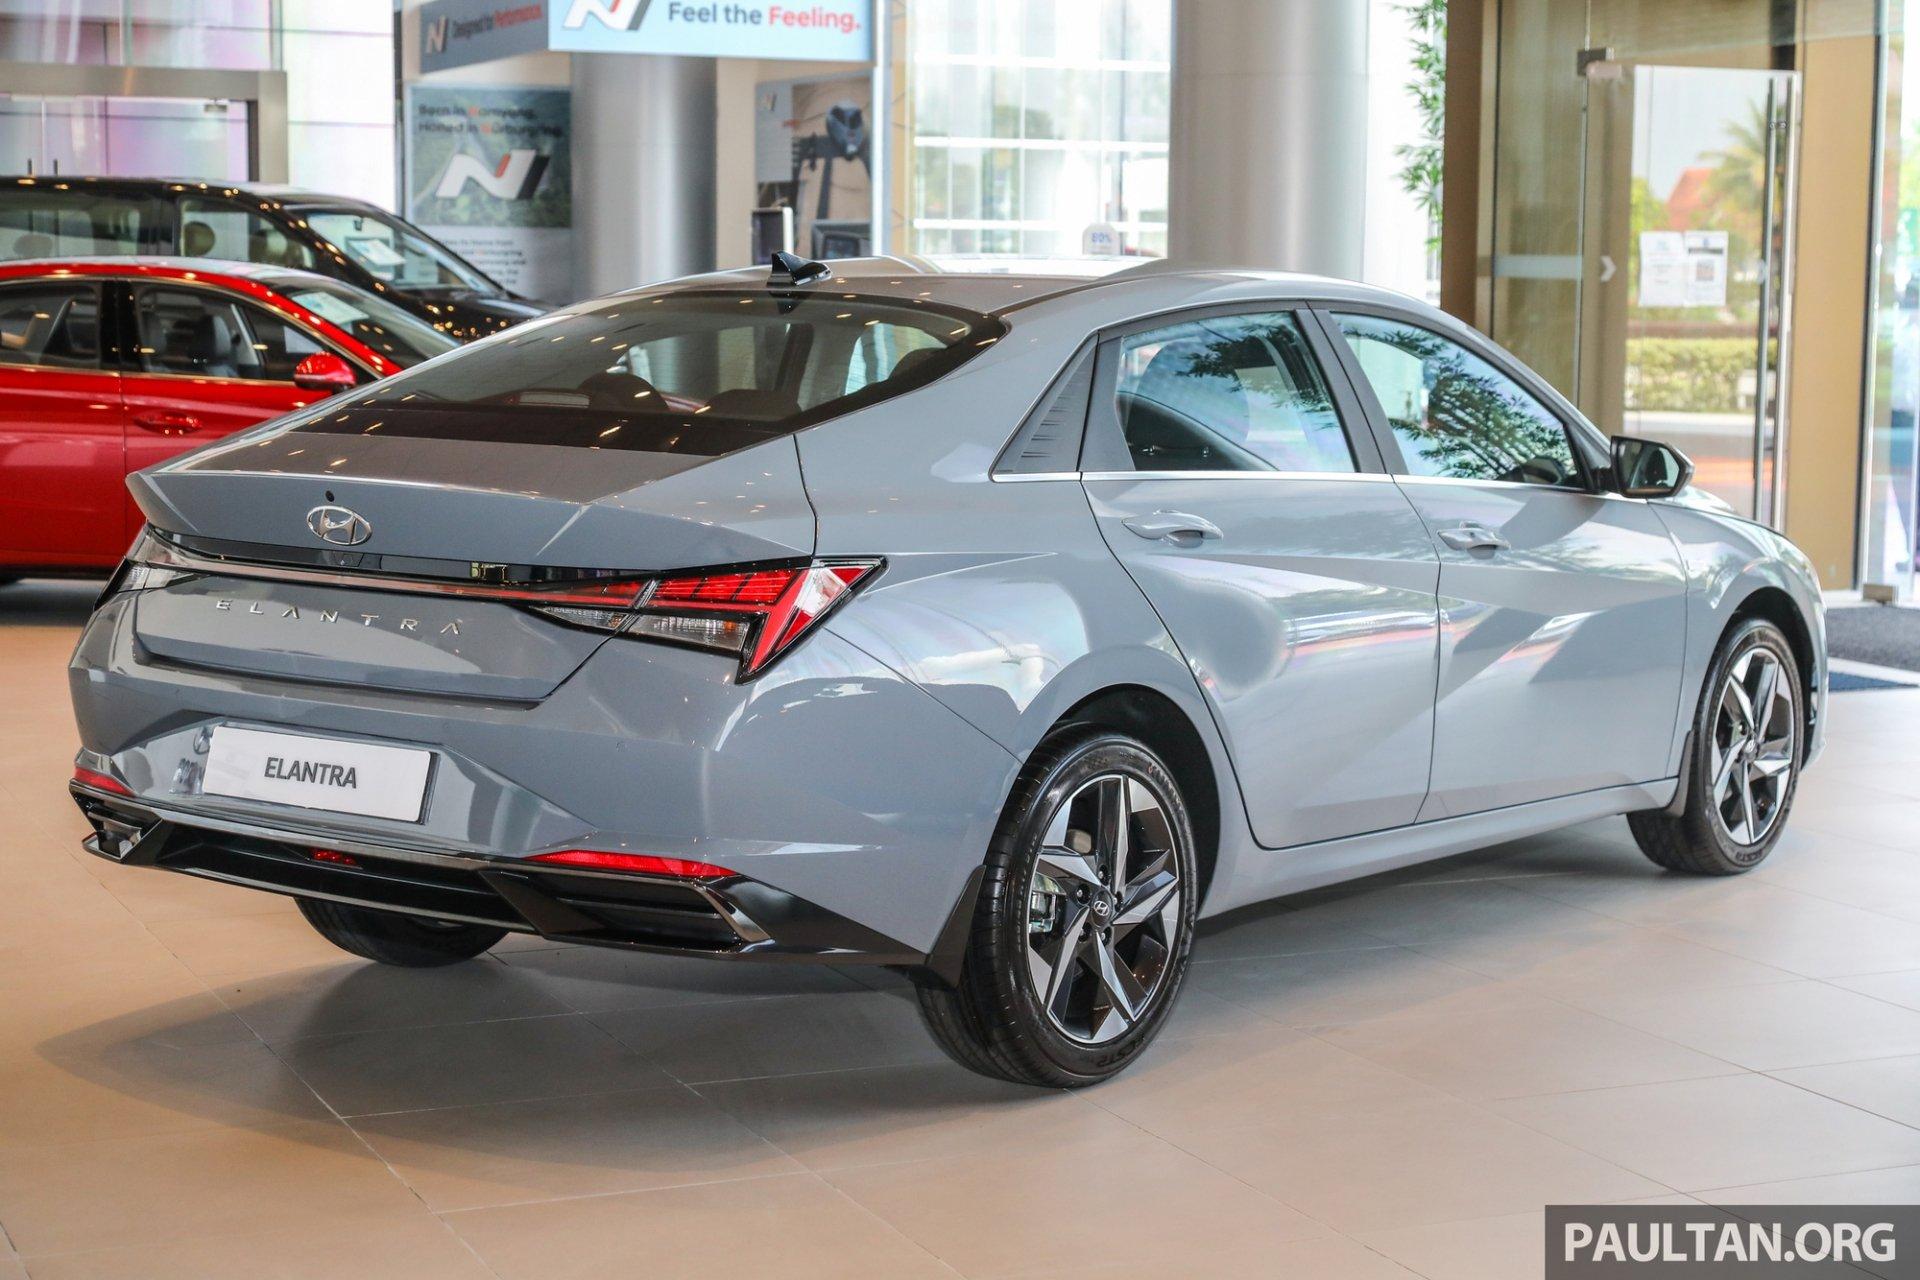 4 mẫu xe hơi Hyundai sắp ra mắt thị trường: Khách việt háo hức chờ đón Hyundai Grand i10 bản mới 4